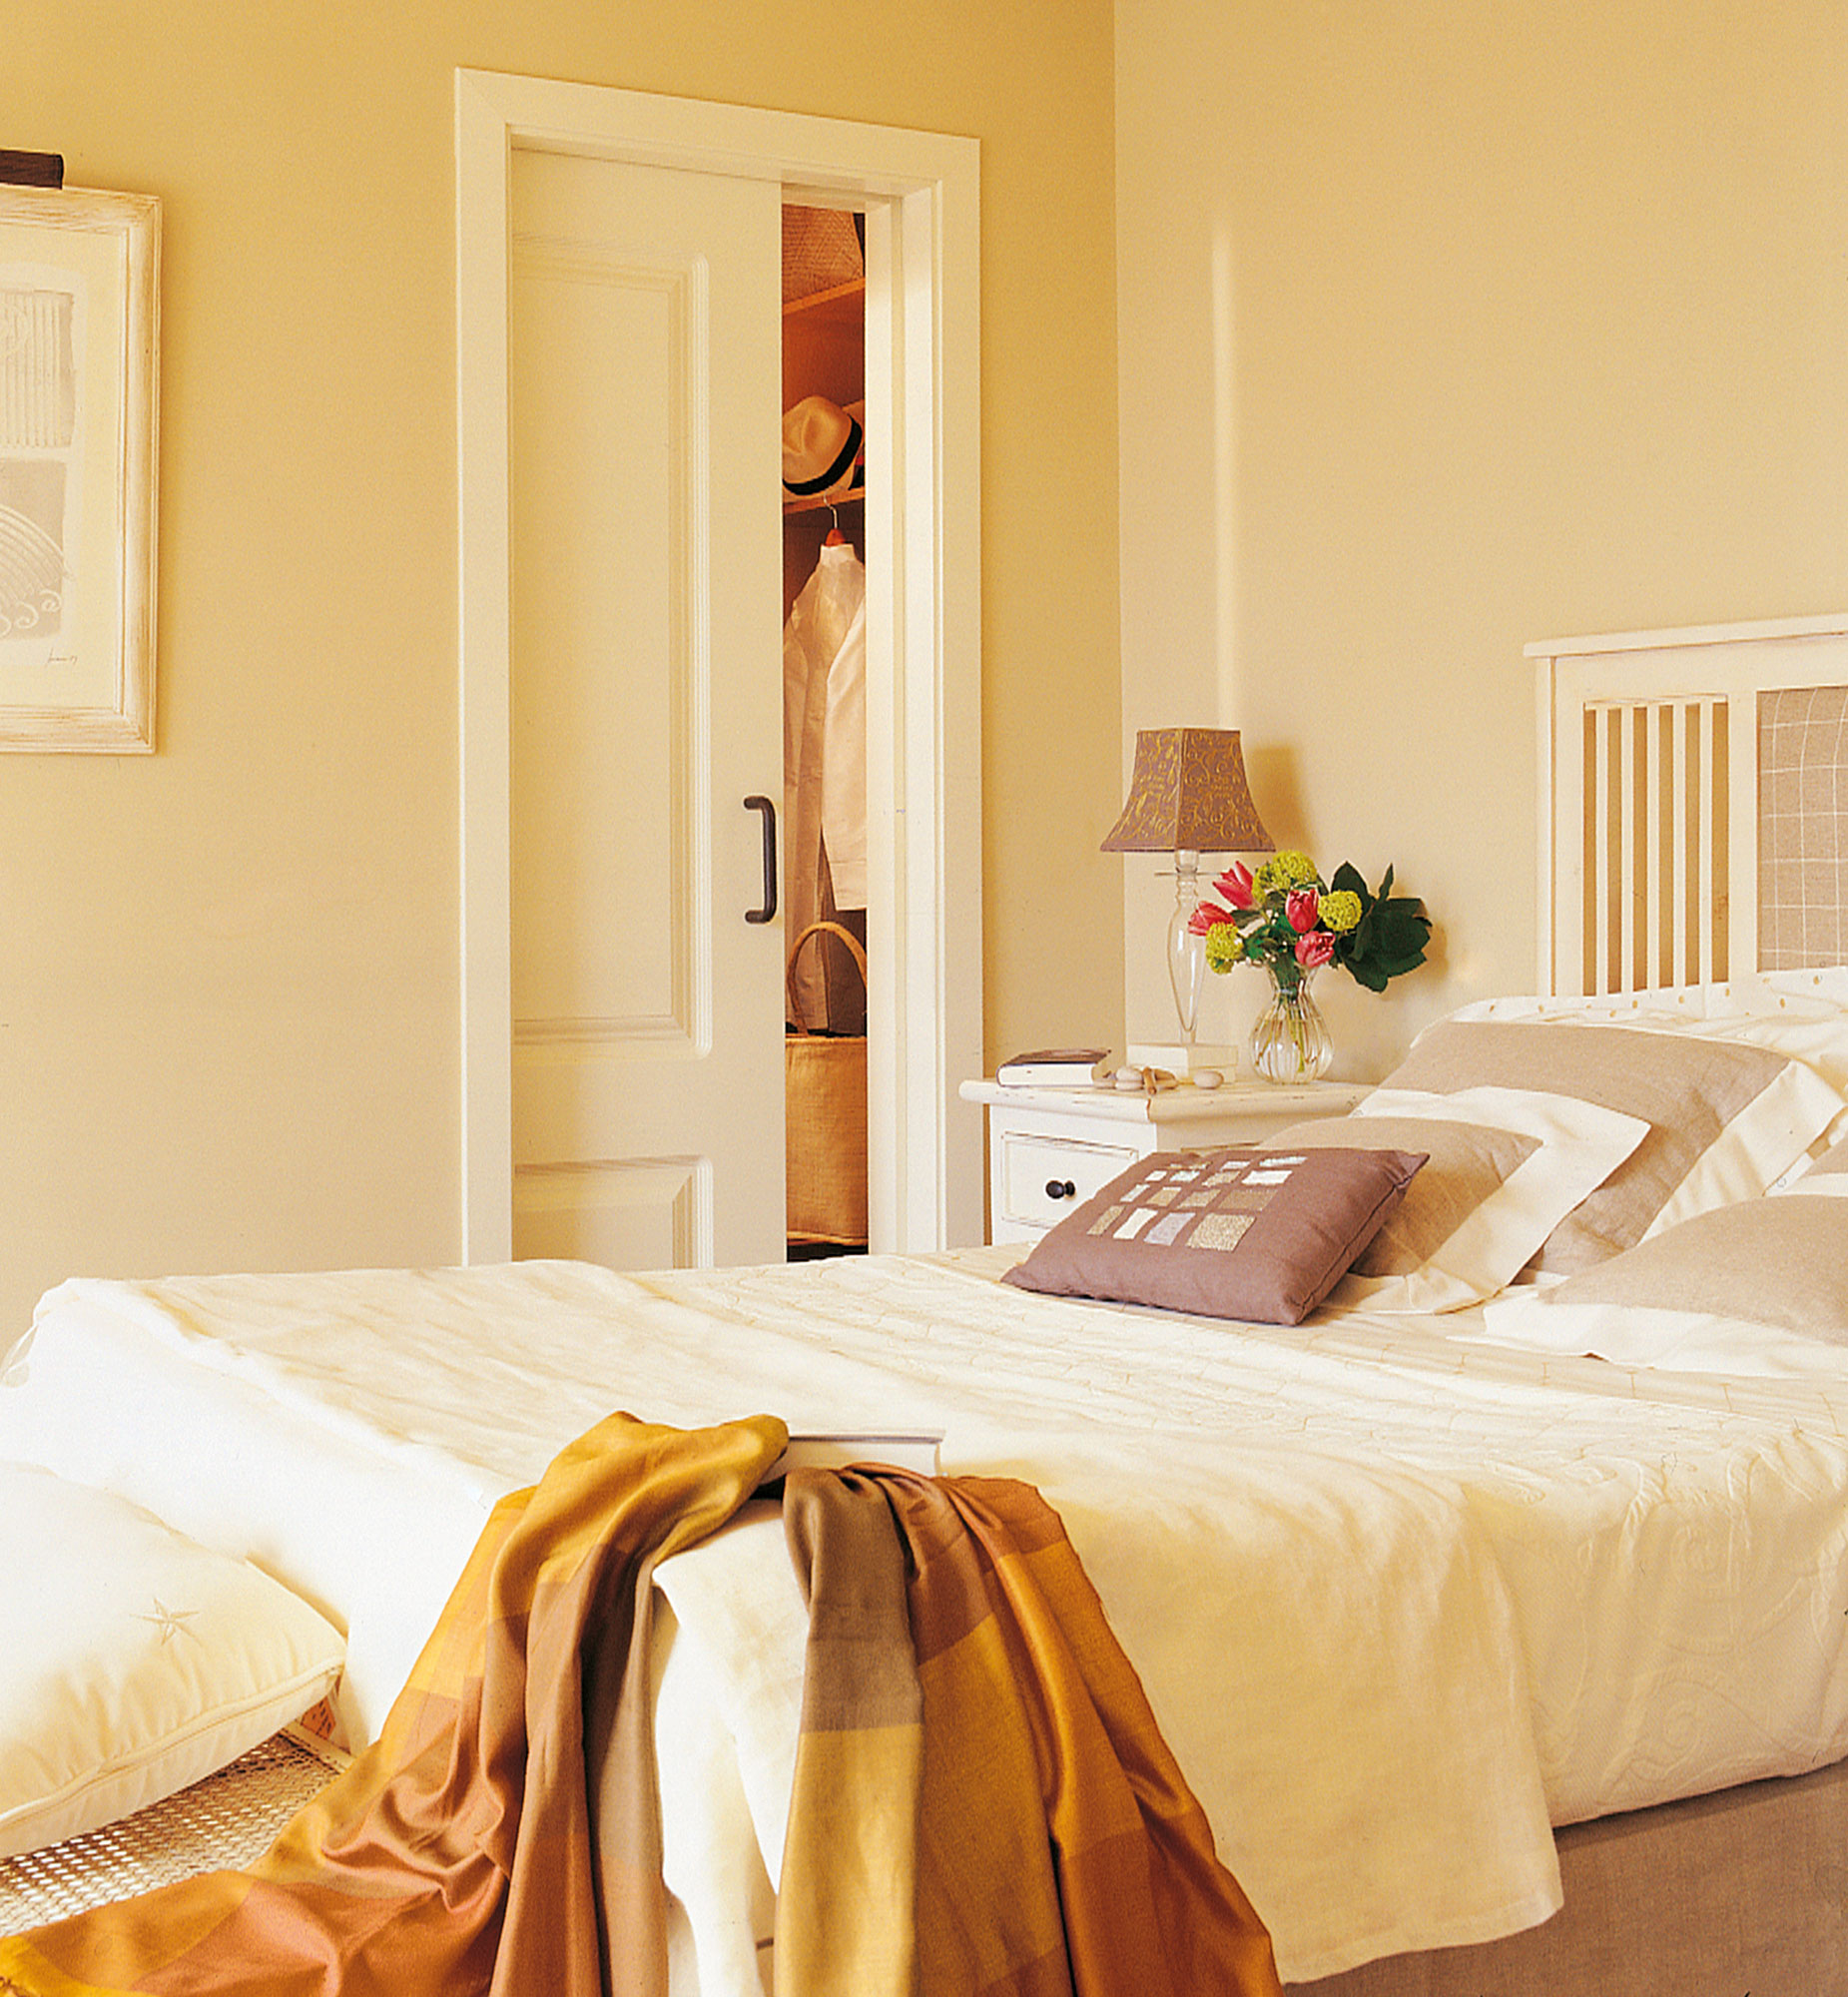 Instala una puerta corredera en casa y gana 1 5 m2 reales for Puertas para dormitorios